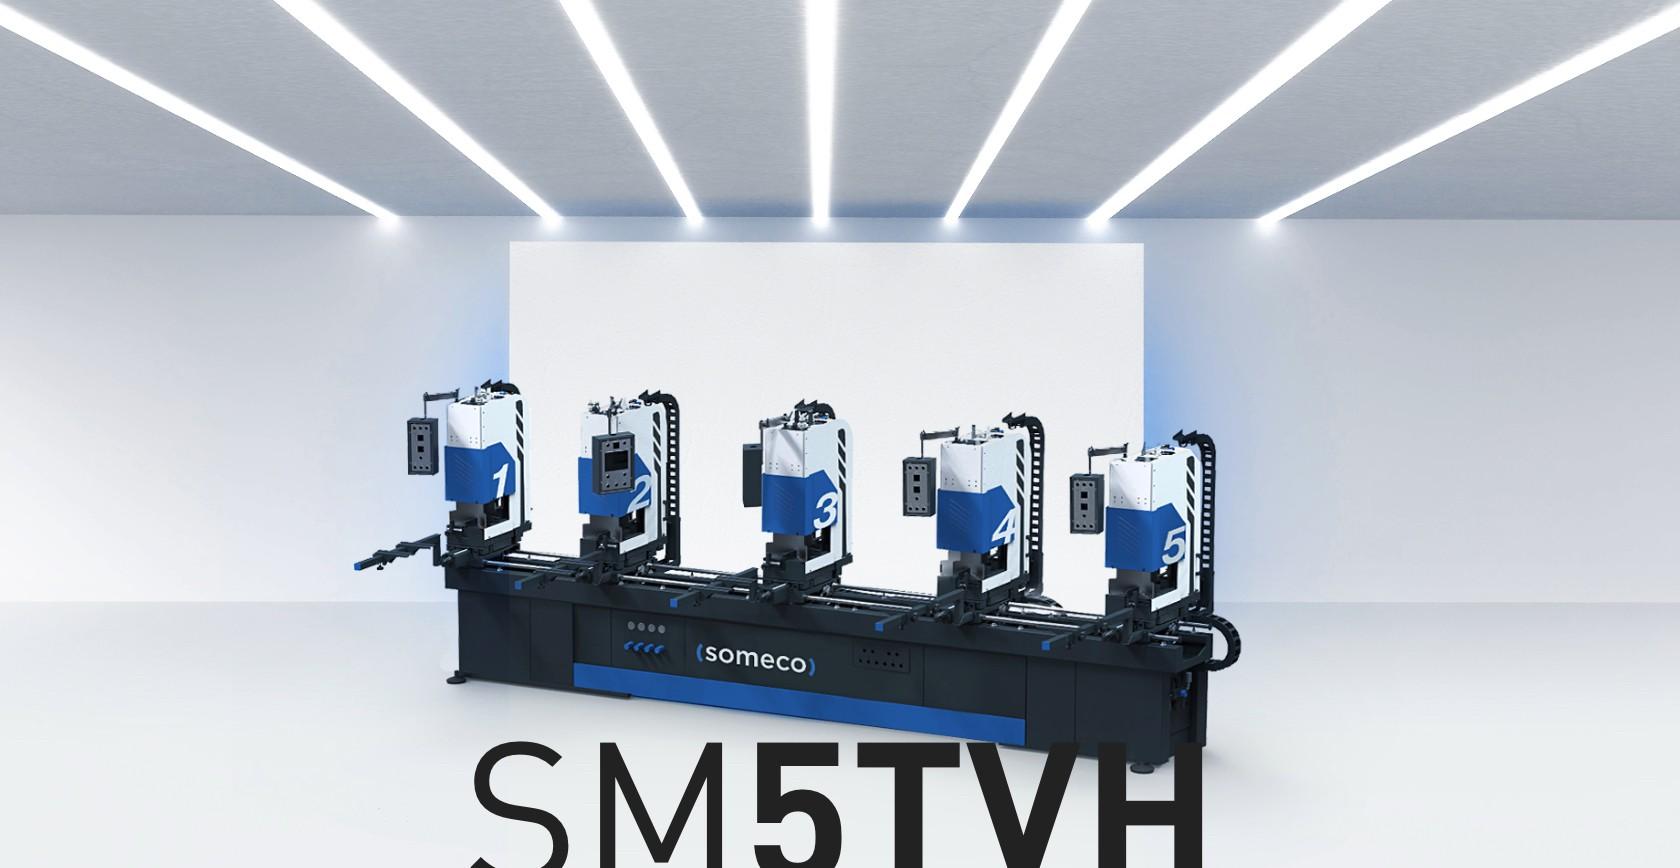 Someco - SM 5TVH